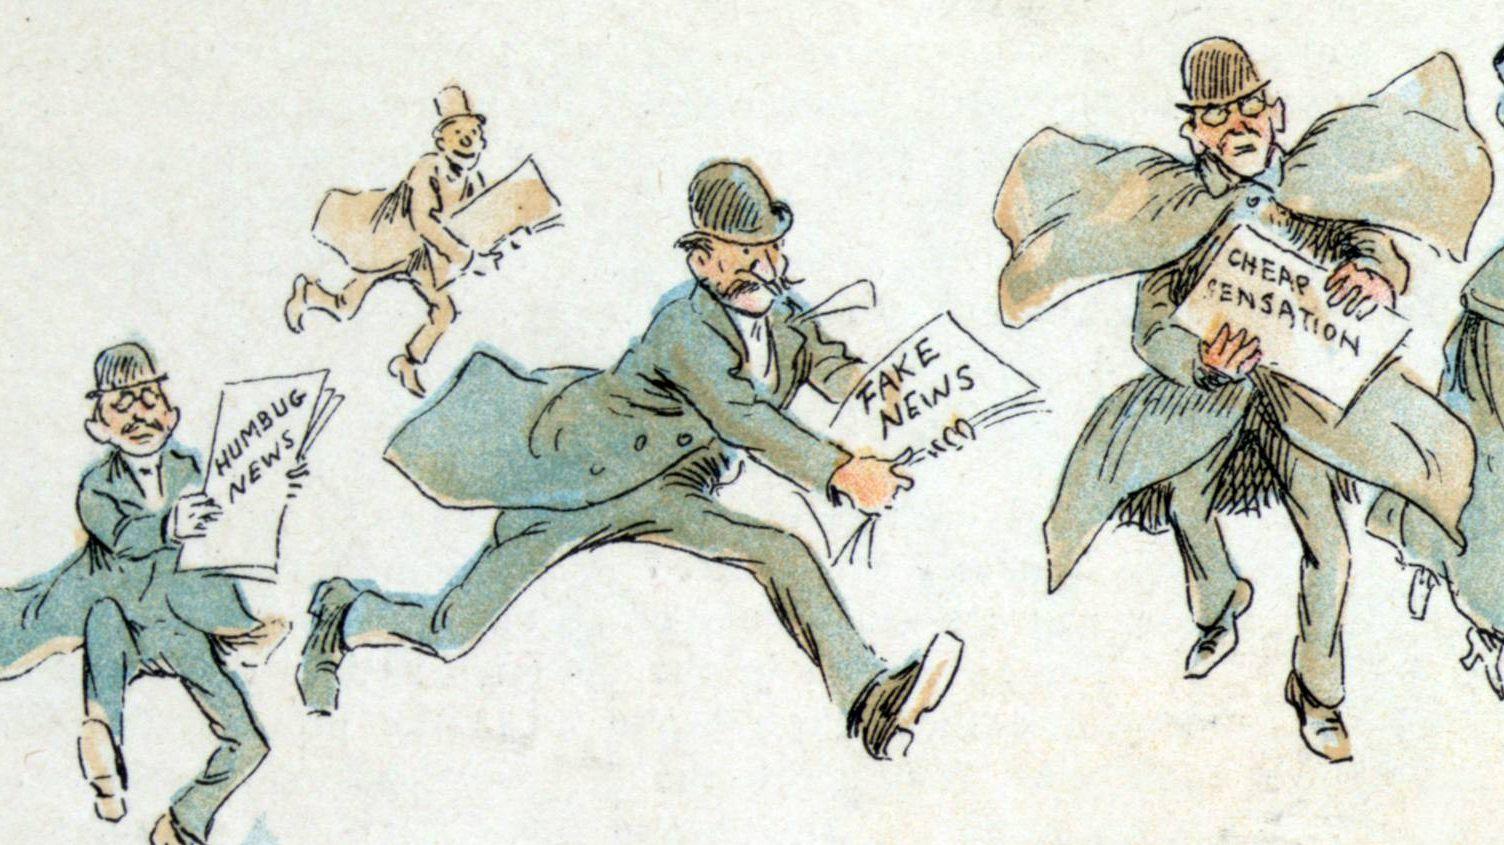 Фредерик Бурр Оппер. «Фейковые» новости. 1894